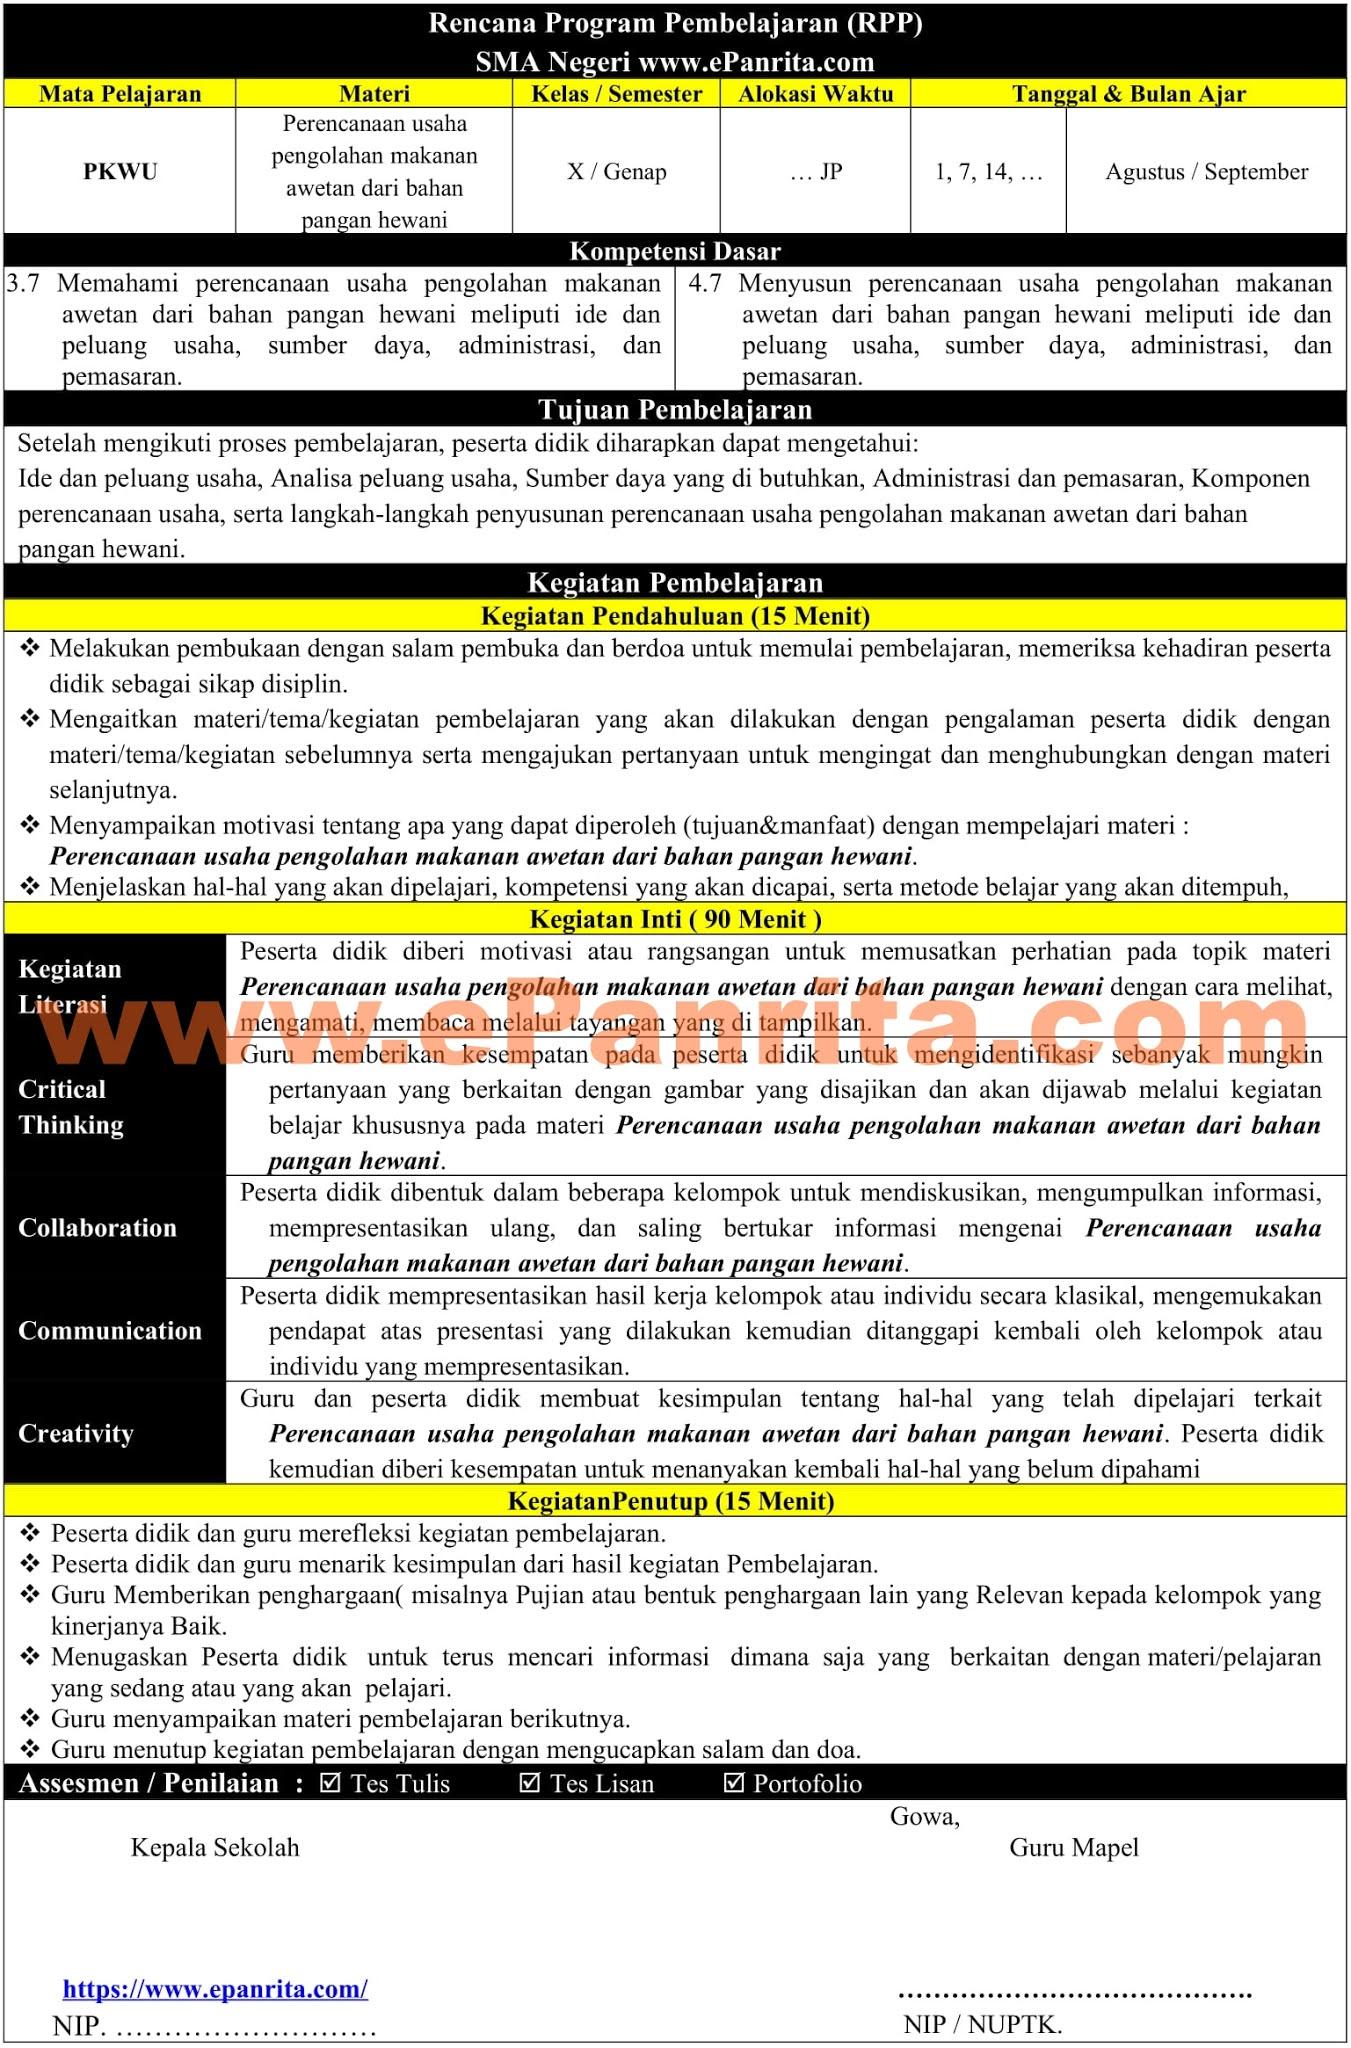 RPP 1 Halaman Prakarya Aspek Pengolahan (Perencanaan usaha pengolahan makanan awetan dari bahan pangan hewani)